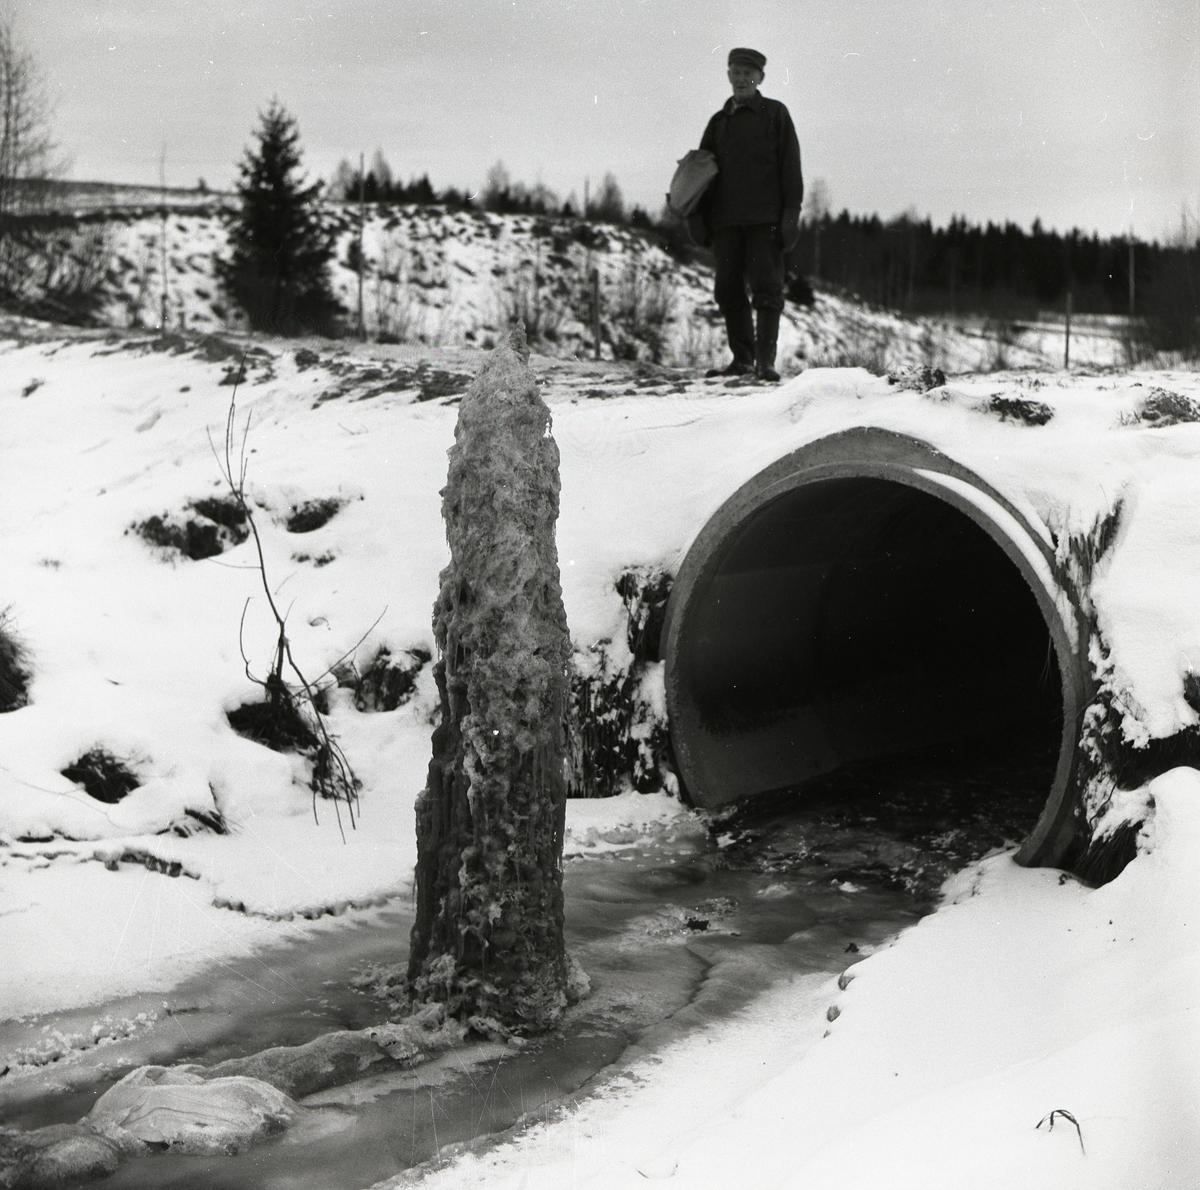 En man står på en bro och tittar ned på en ispelare i ett vattendrag den 19 december 1957.